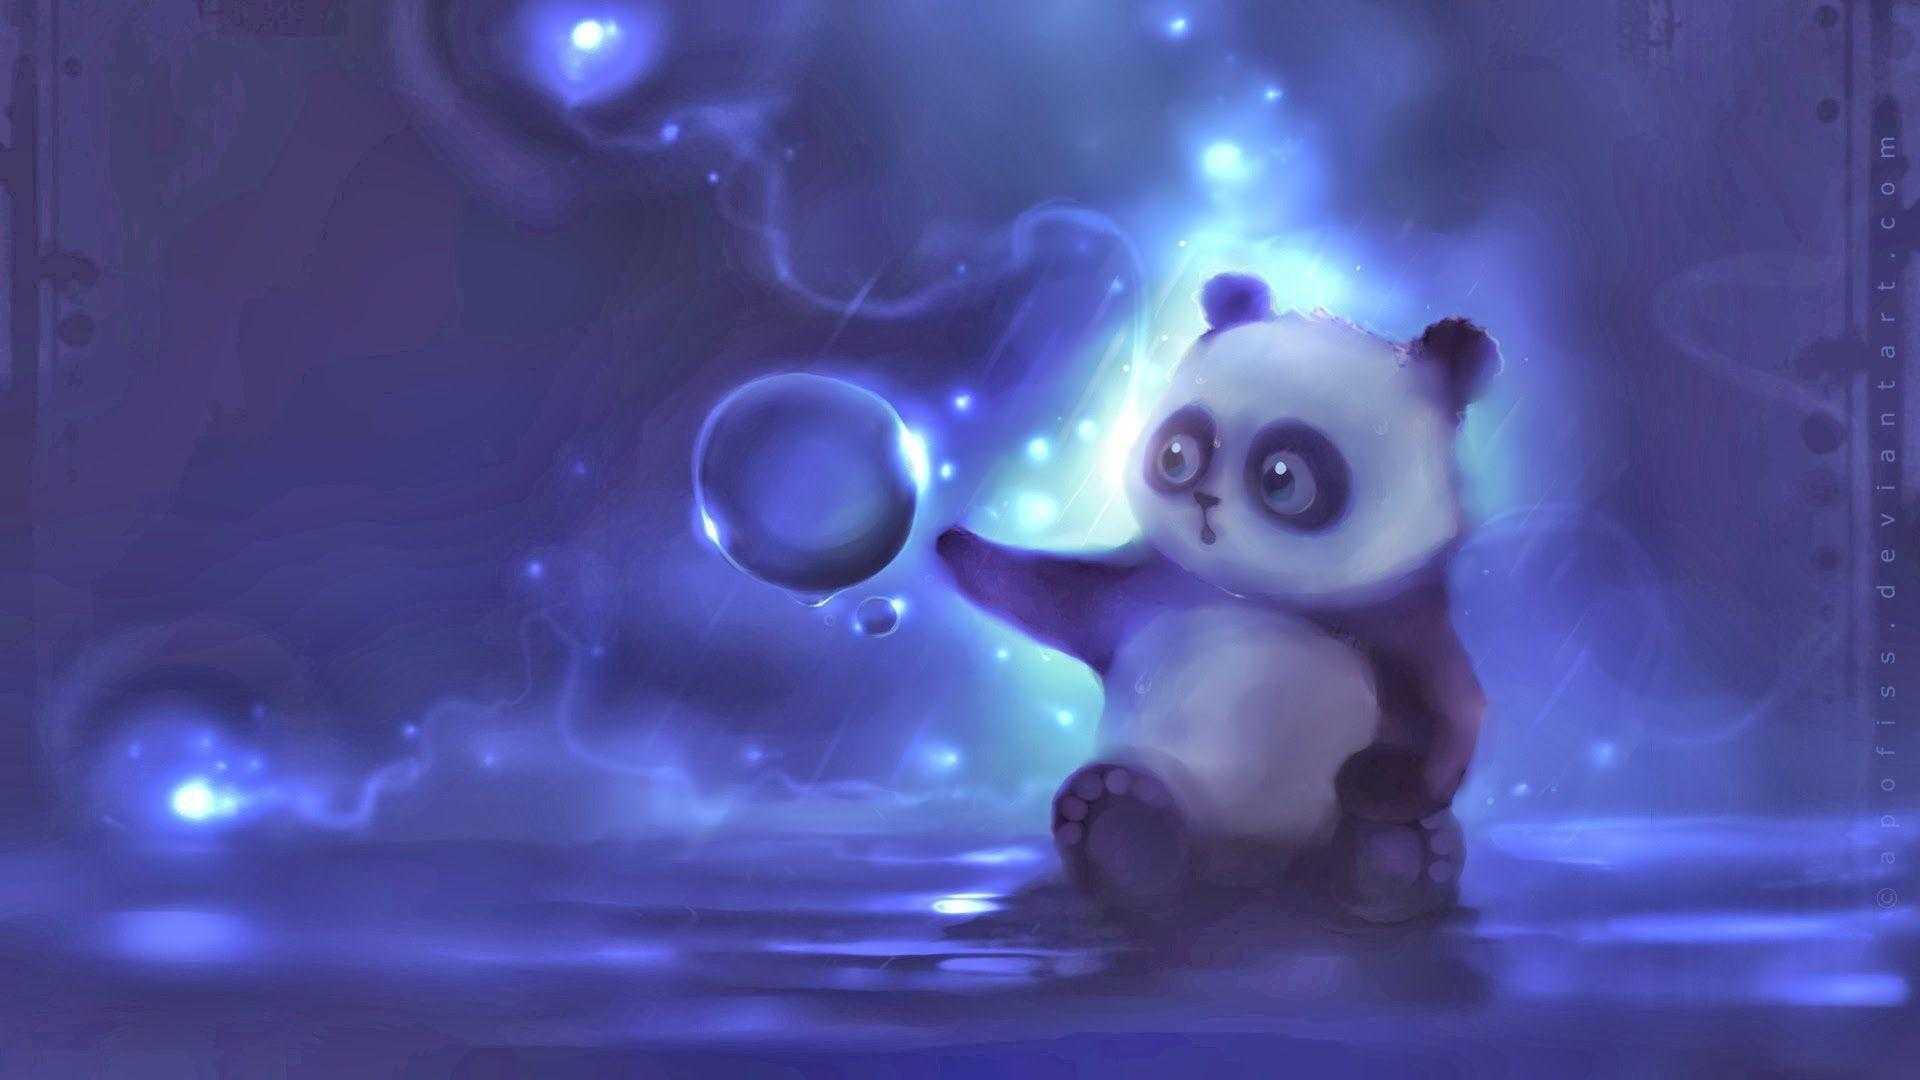 Cute Purple Panda Wallpapers - Wallpaper Cave